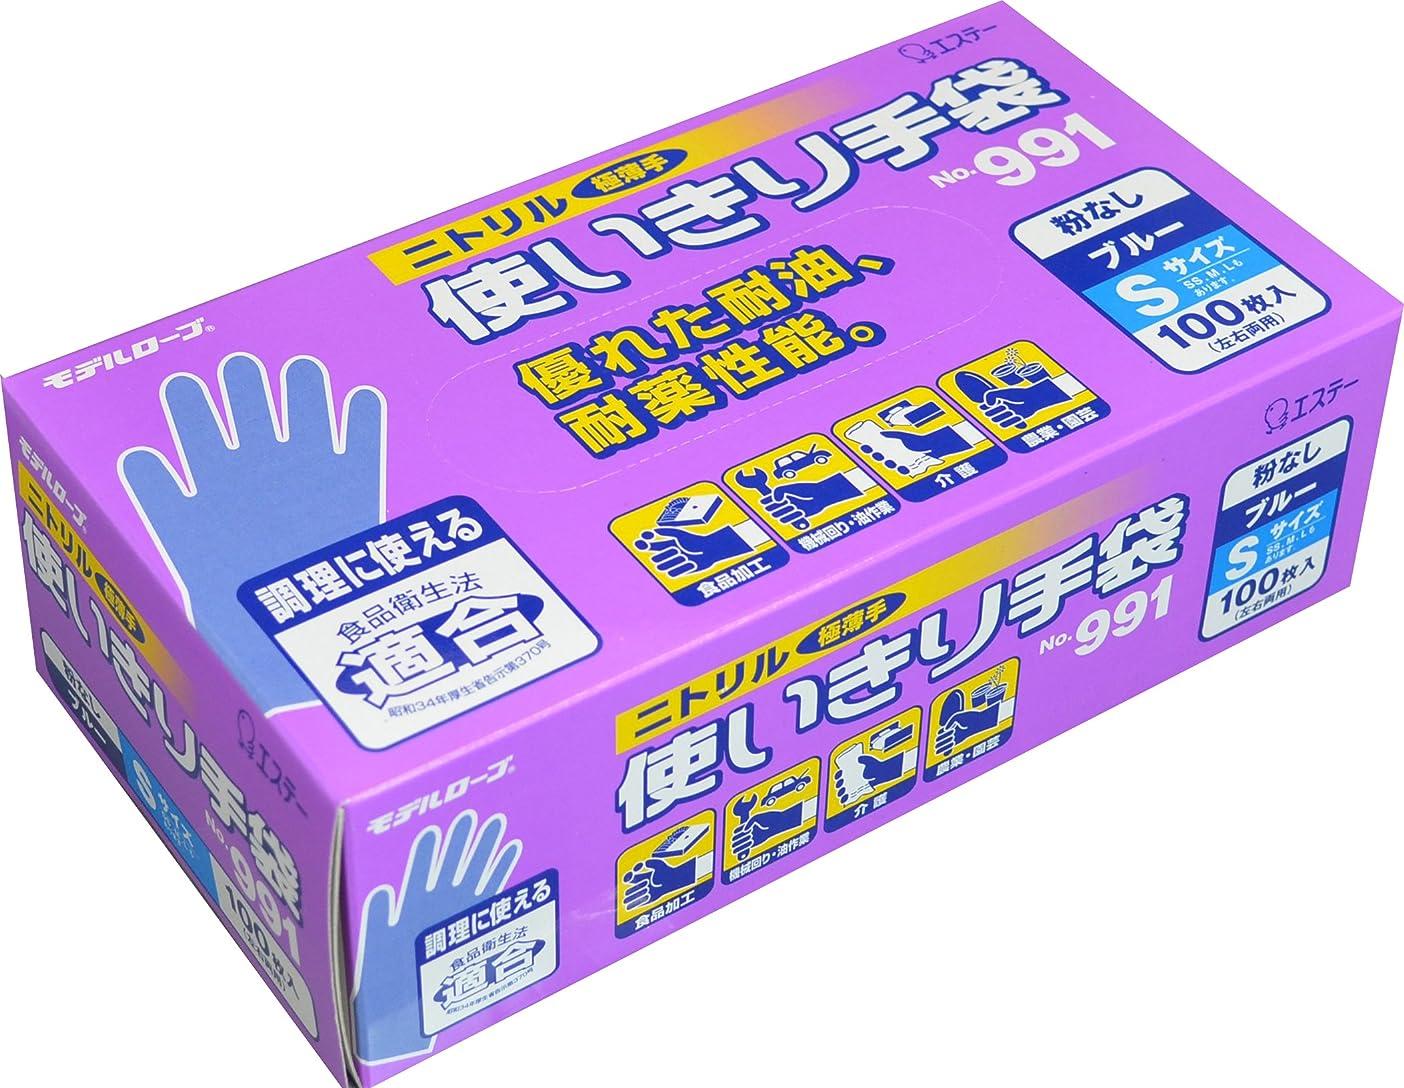 メニュースパンうがいモデルローブ NO991 ニトリル使い切り手袋 100枚 ブルー S